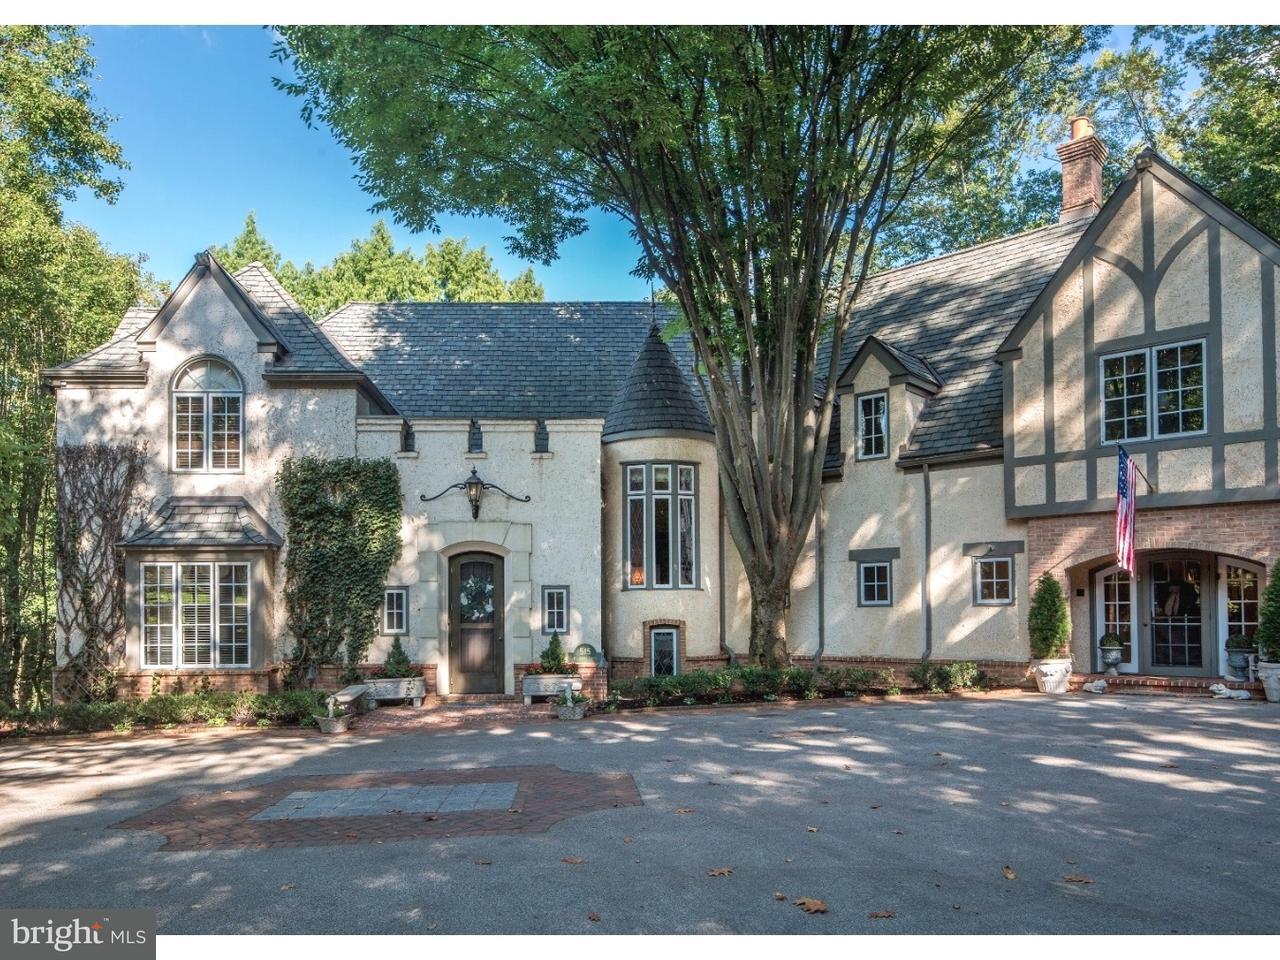 Частный односемейный дом для того Продажа на 515 MULBERRY Lane Haverford, Пенсильвания 19041 Соединенные Штаты